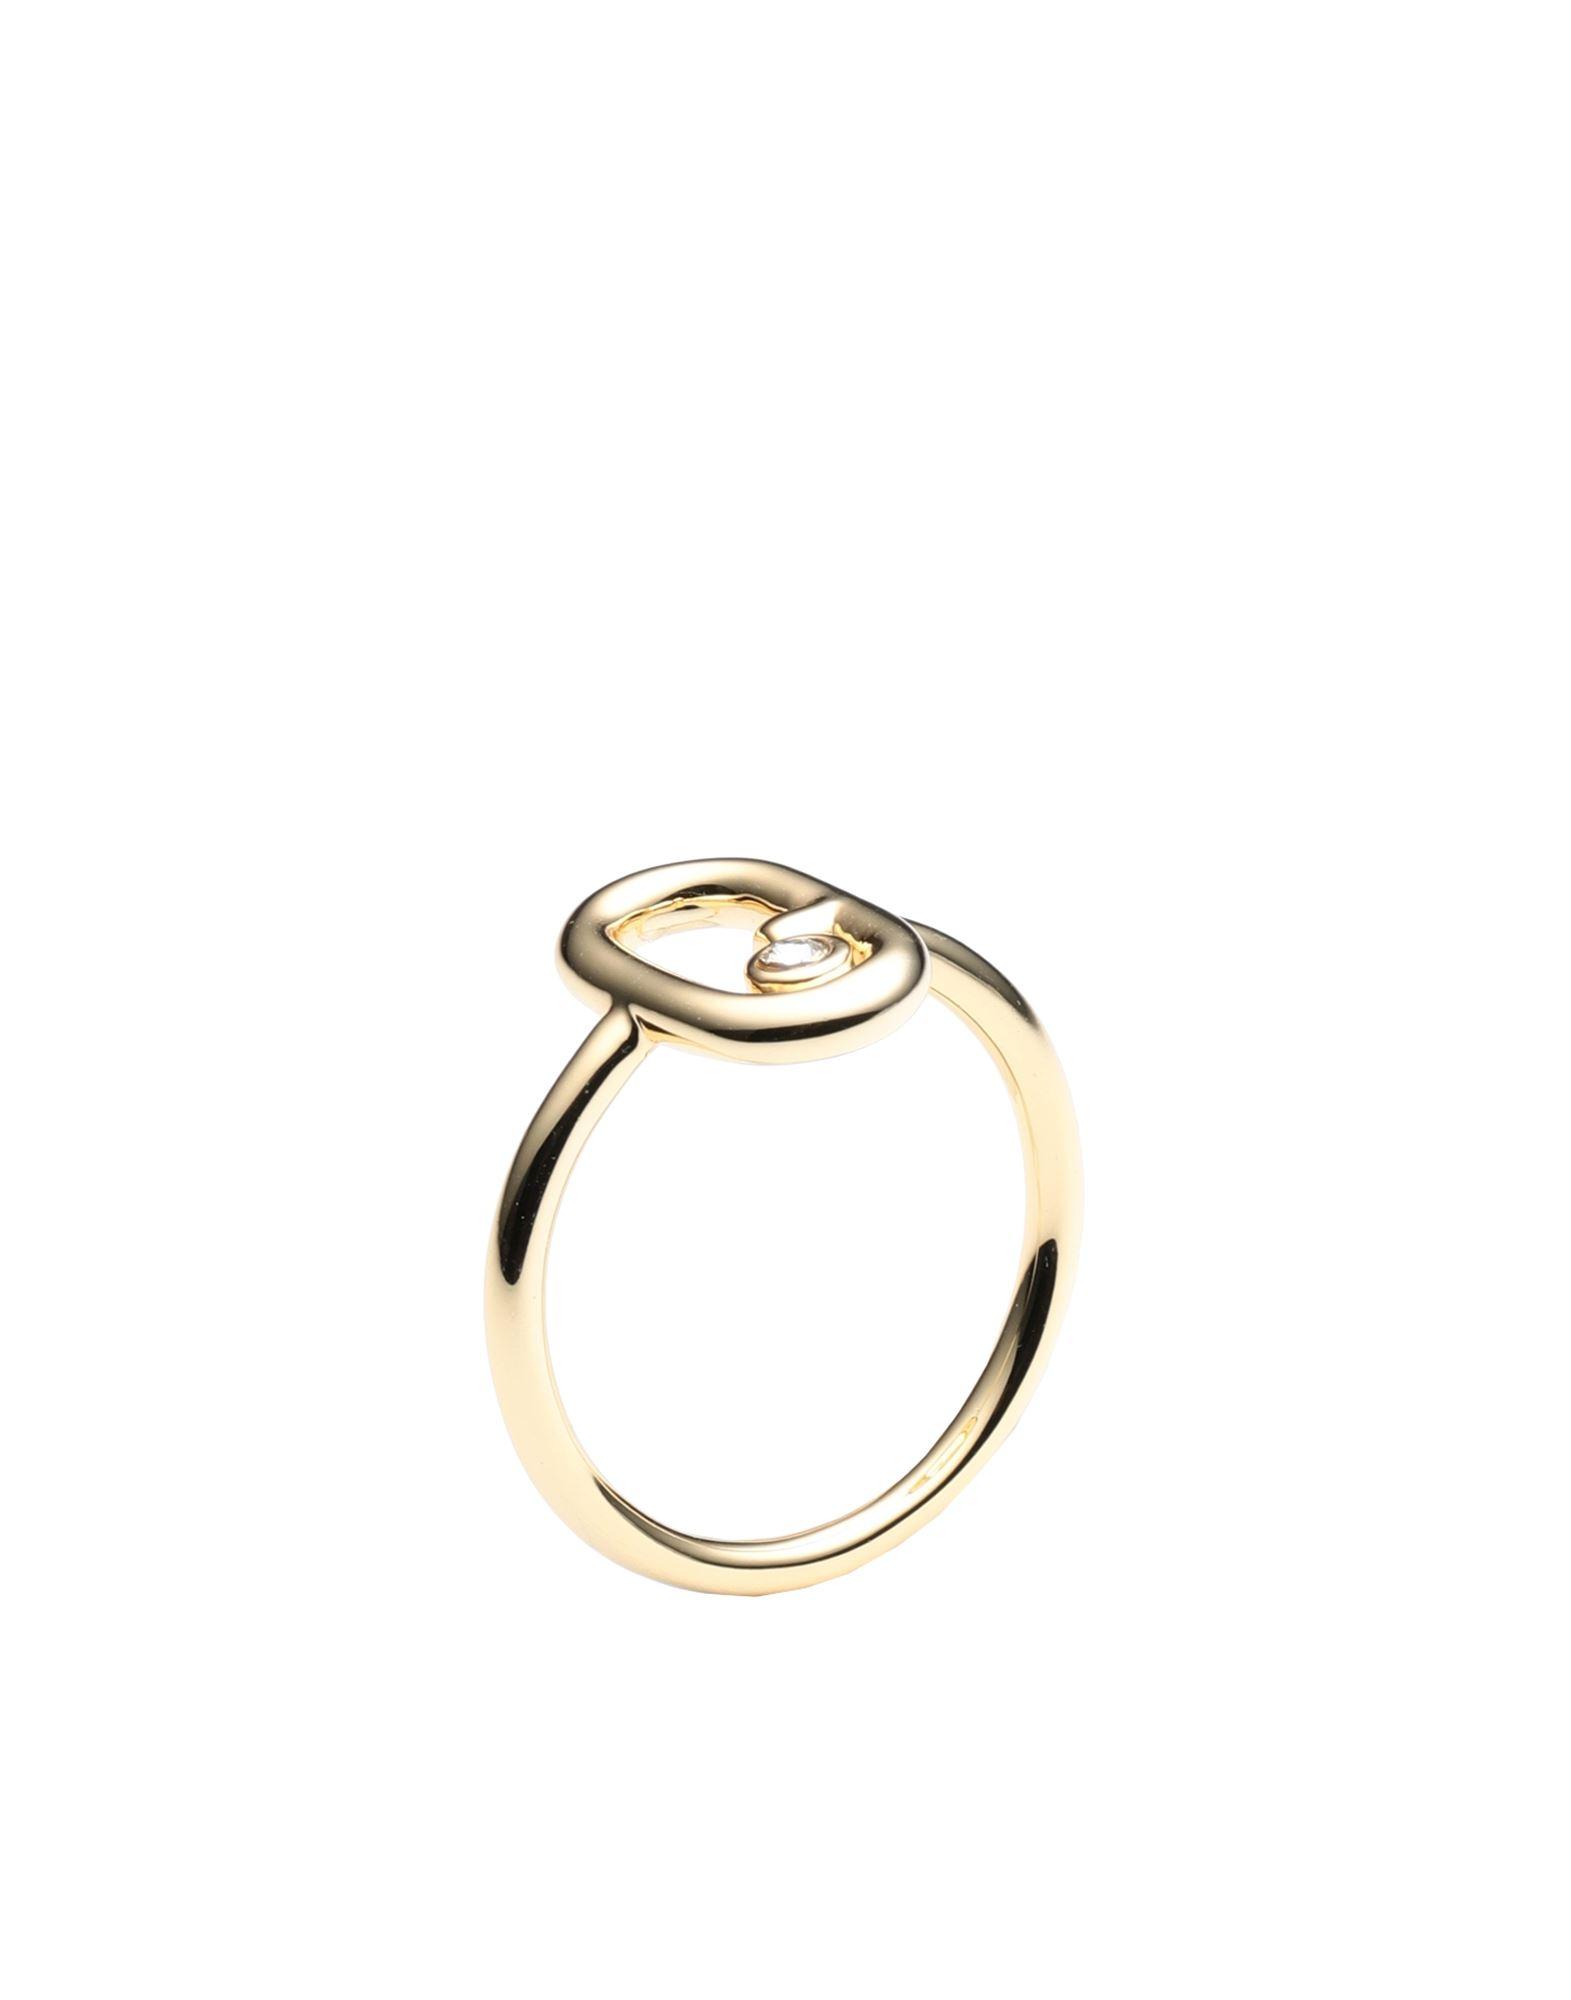 FURLA フルラ レディース 指輪 FURLA PEARL F-LINK RING ゴールド